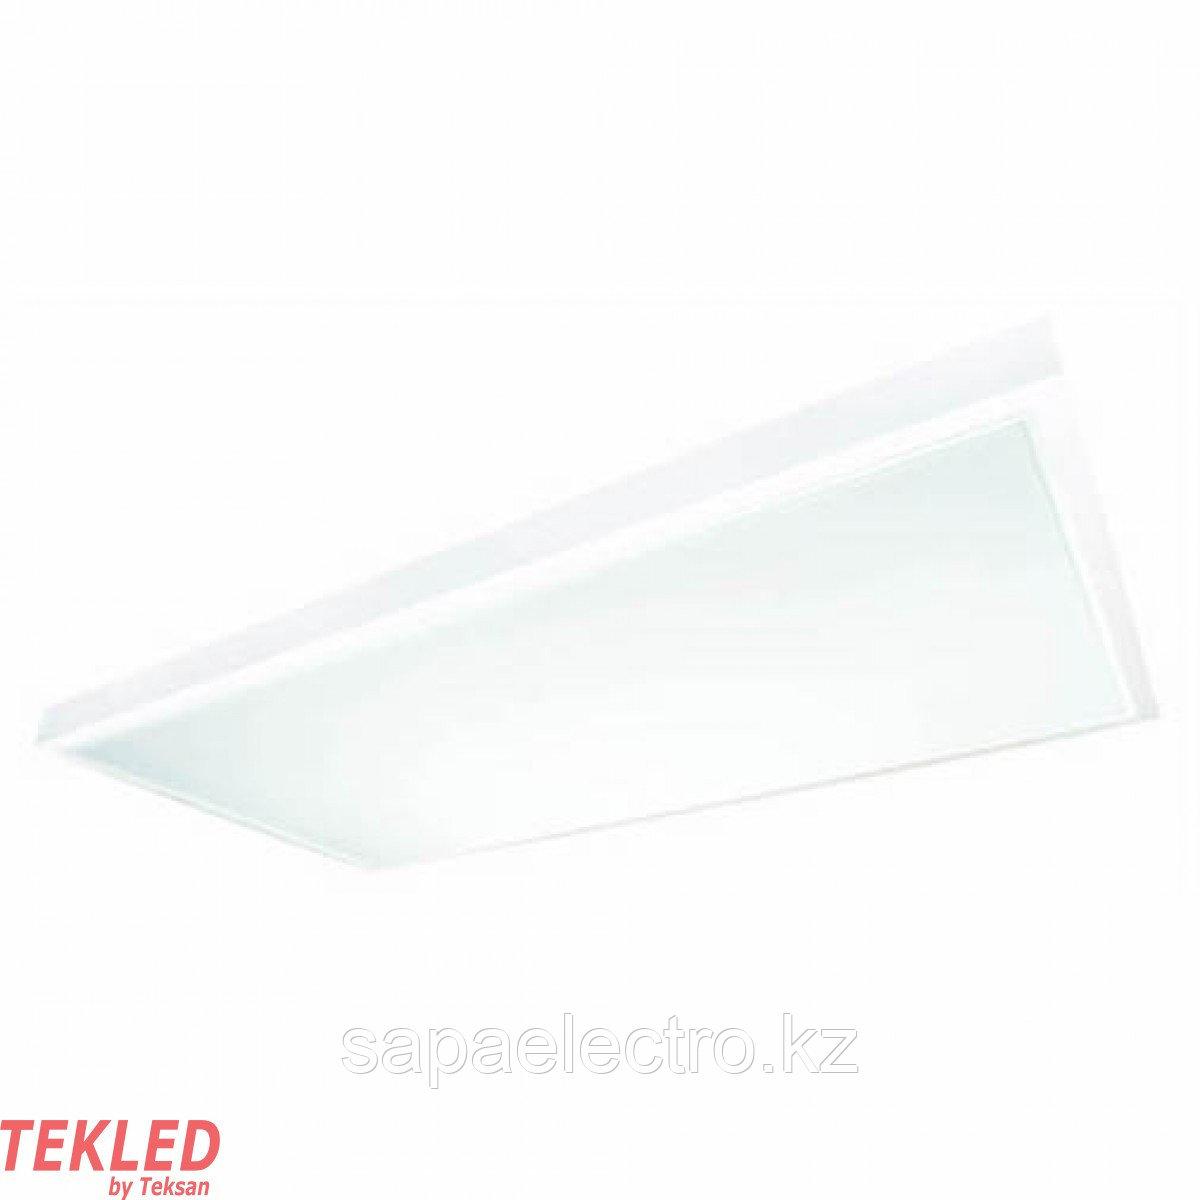 Св-к OPALLED 18X9W/LZN 436 MODERNA накл-й MEGALUX